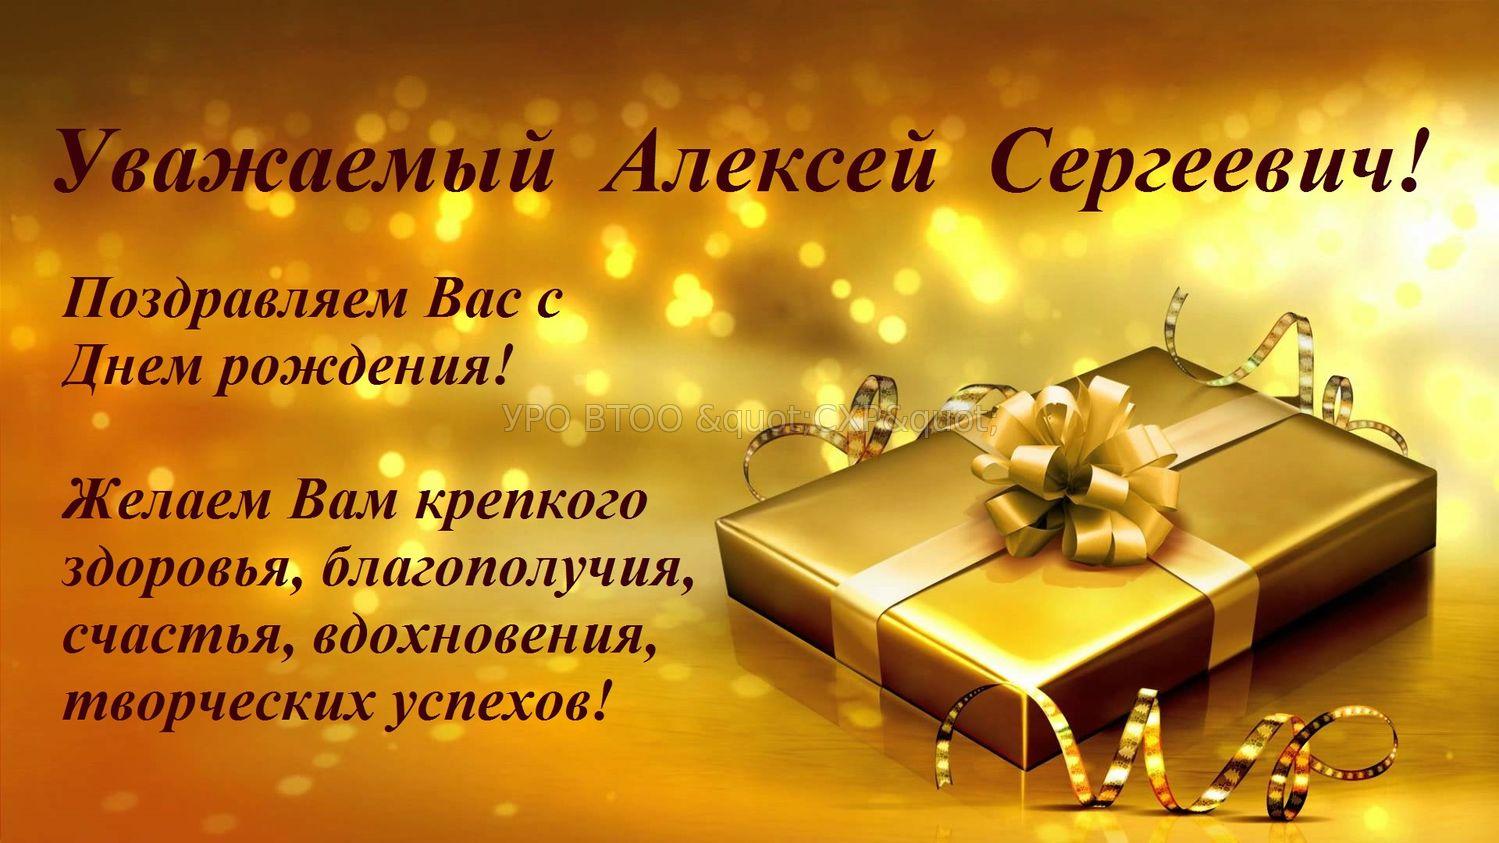 Красивые поздравления с днем рождения александру от коллег